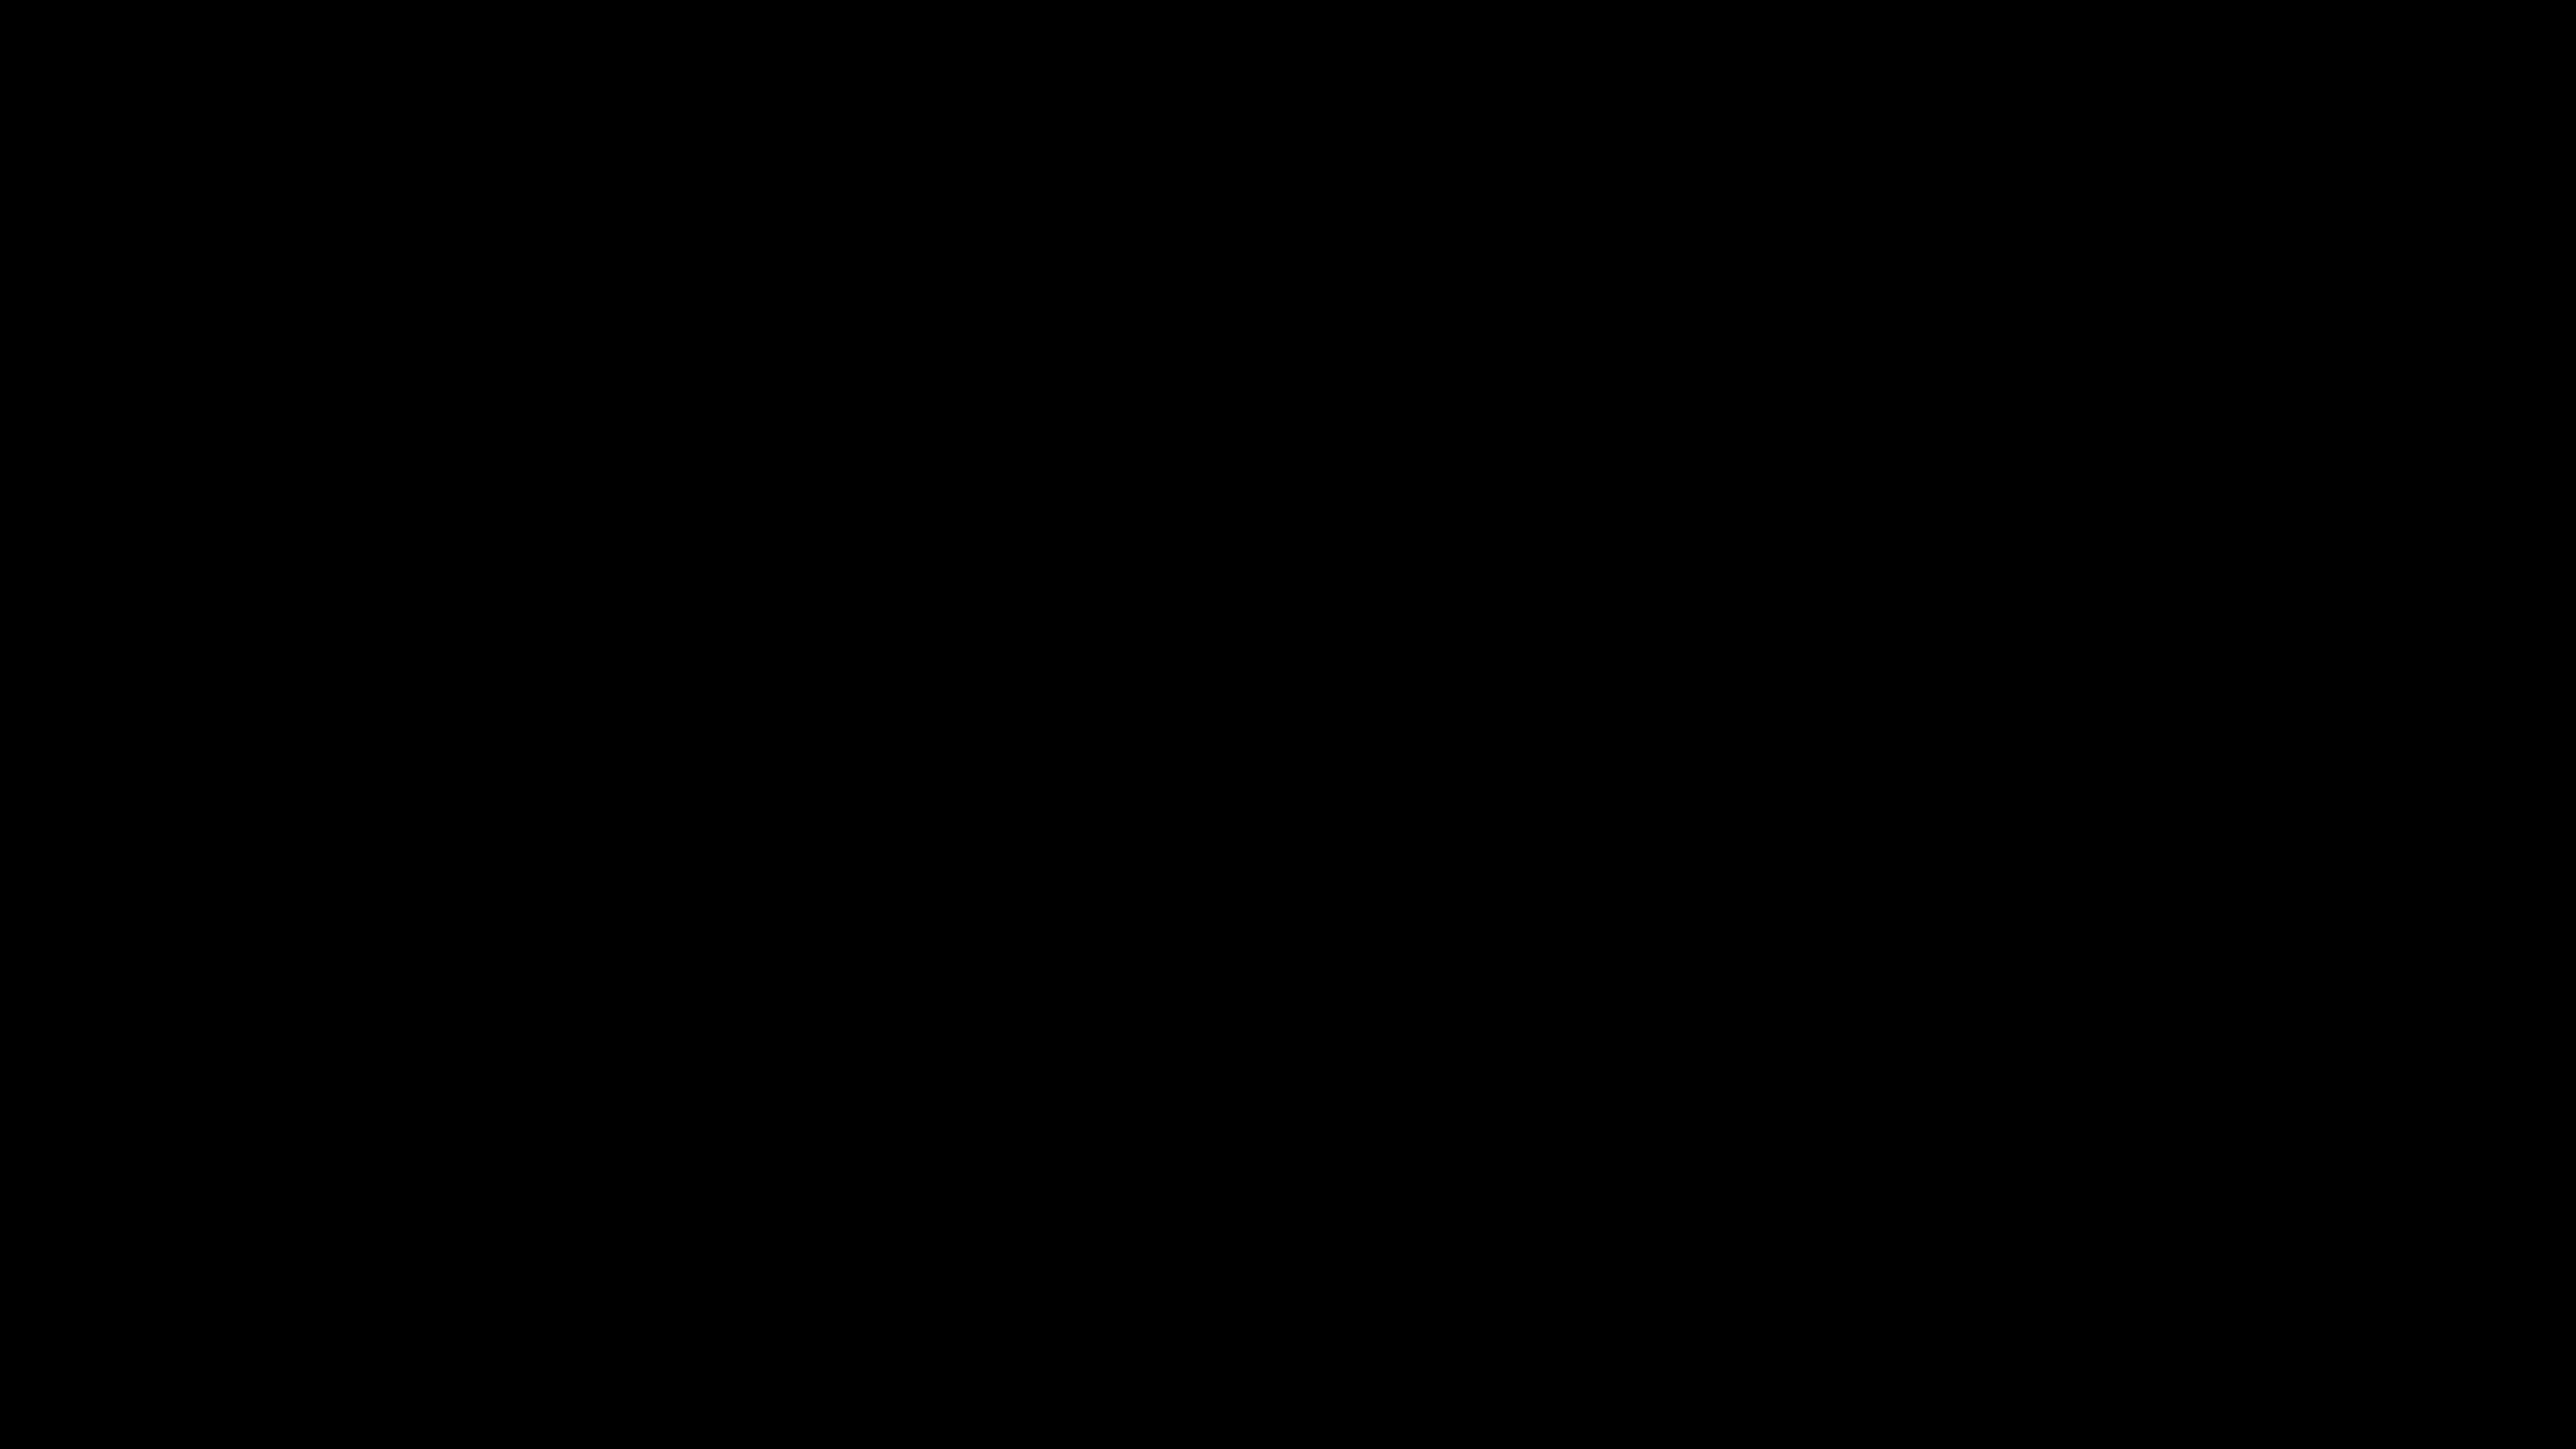 Počet zamestnancov sa v roku 2018 zvýšil o 7 700 na 410 000